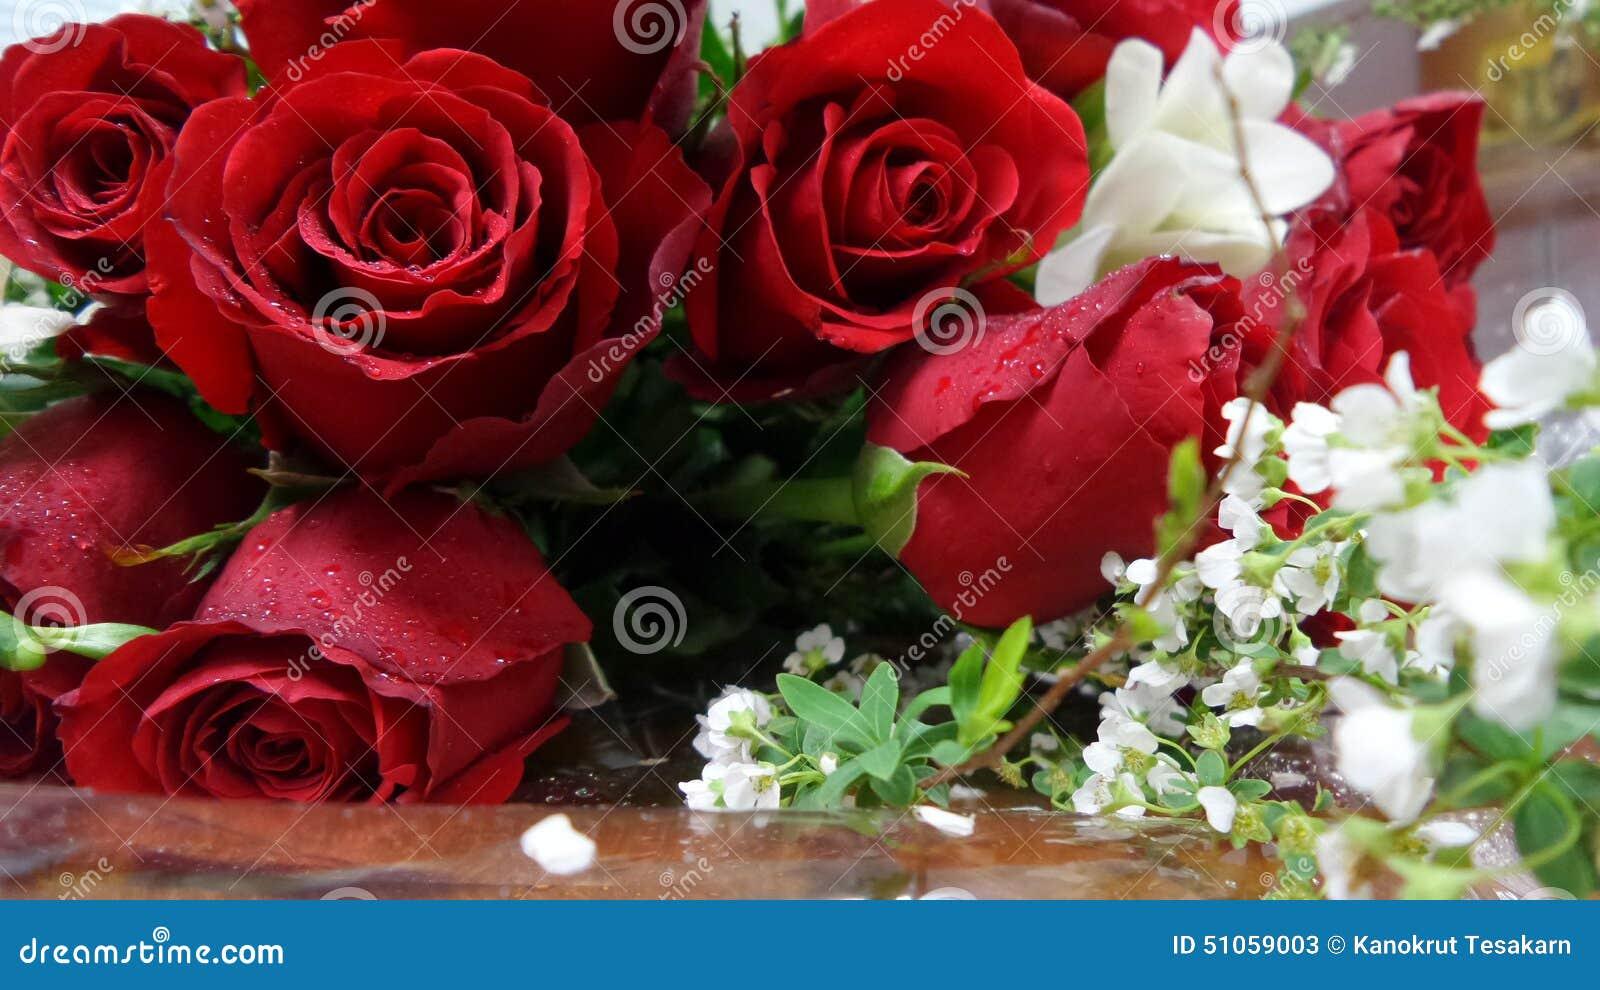 rose de rouge et petit bouquet de fleur blanche image stock image du petit blanc 51059003. Black Bedroom Furniture Sets. Home Design Ideas